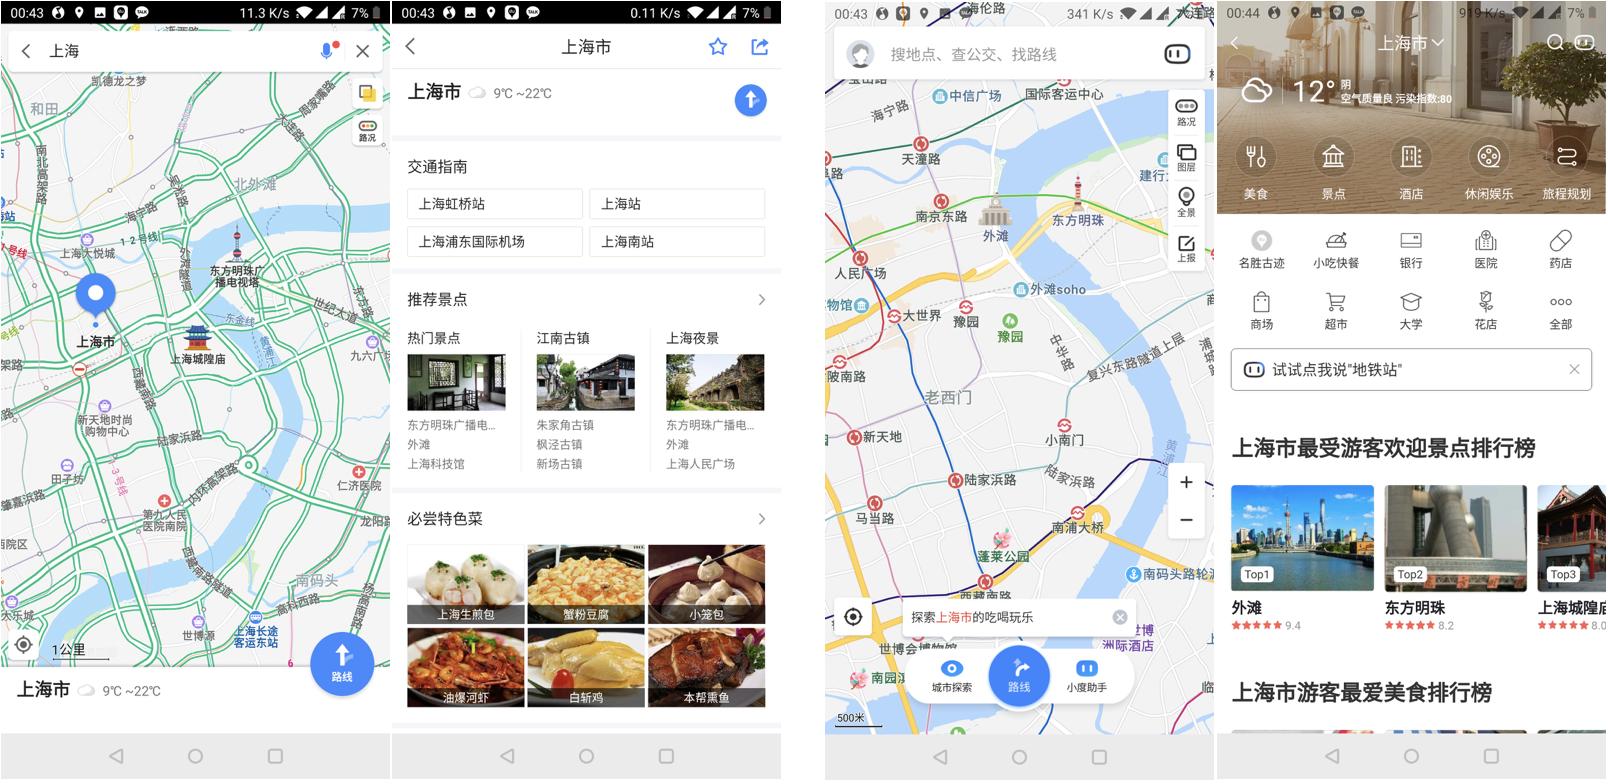 Autonavi & Baidu Maps